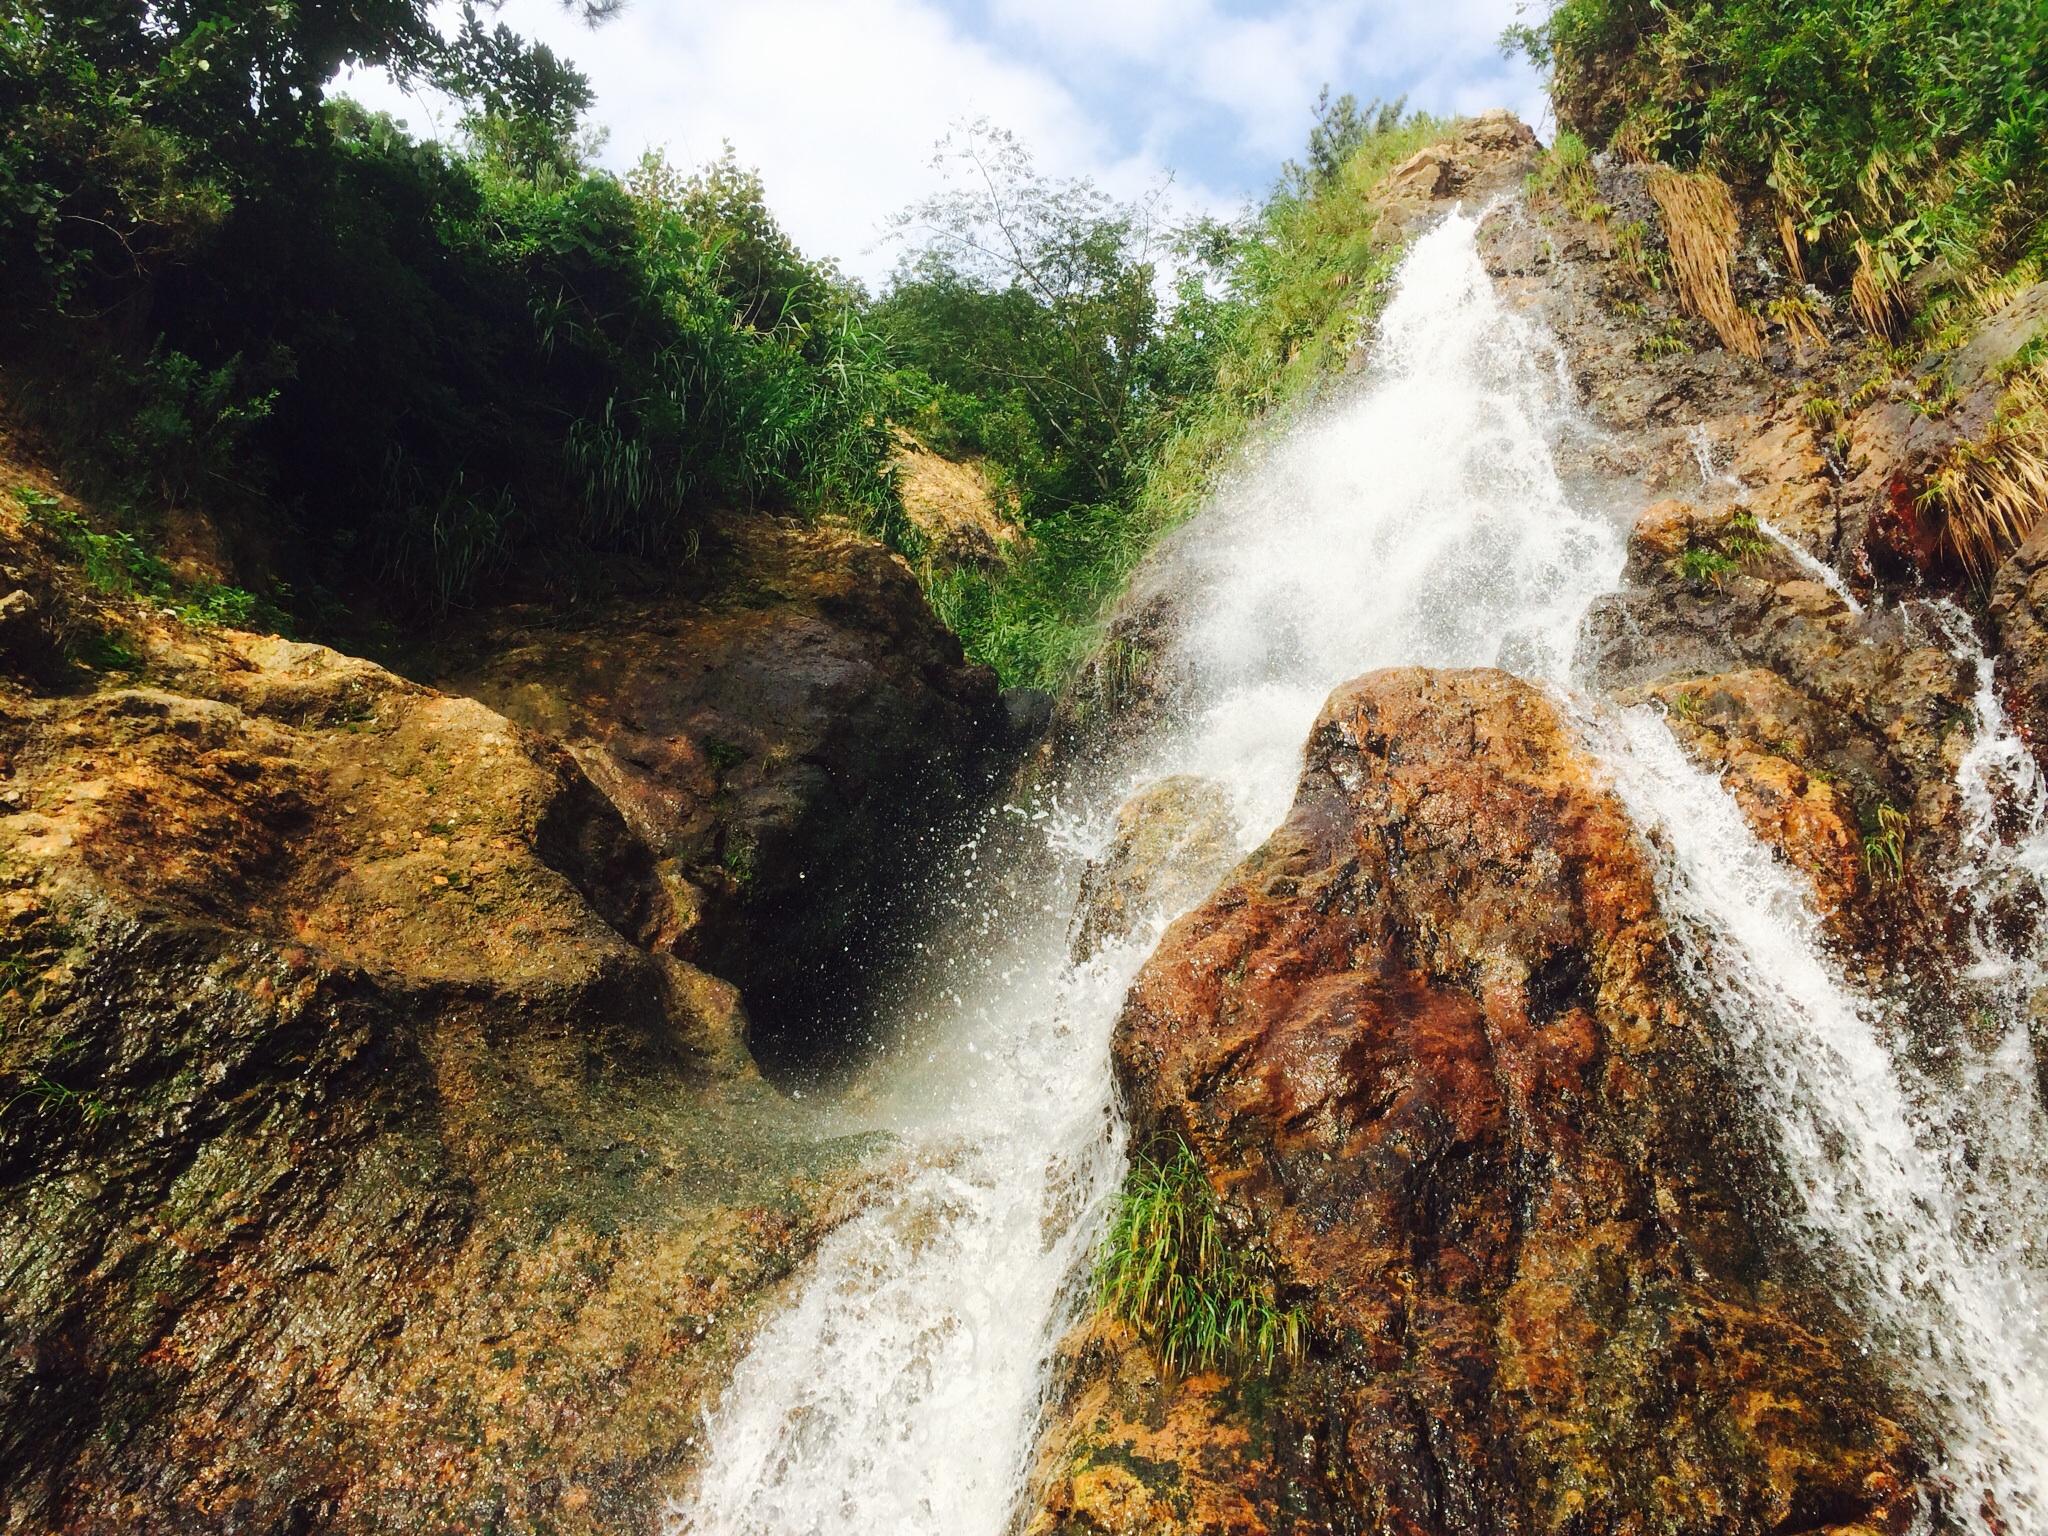 海岸沿いに絶景の滝が!長岡市・寺泊近辺をドライブするなら絶対に立ち寄りたい野積海岸で『滝の川』を発見しました。